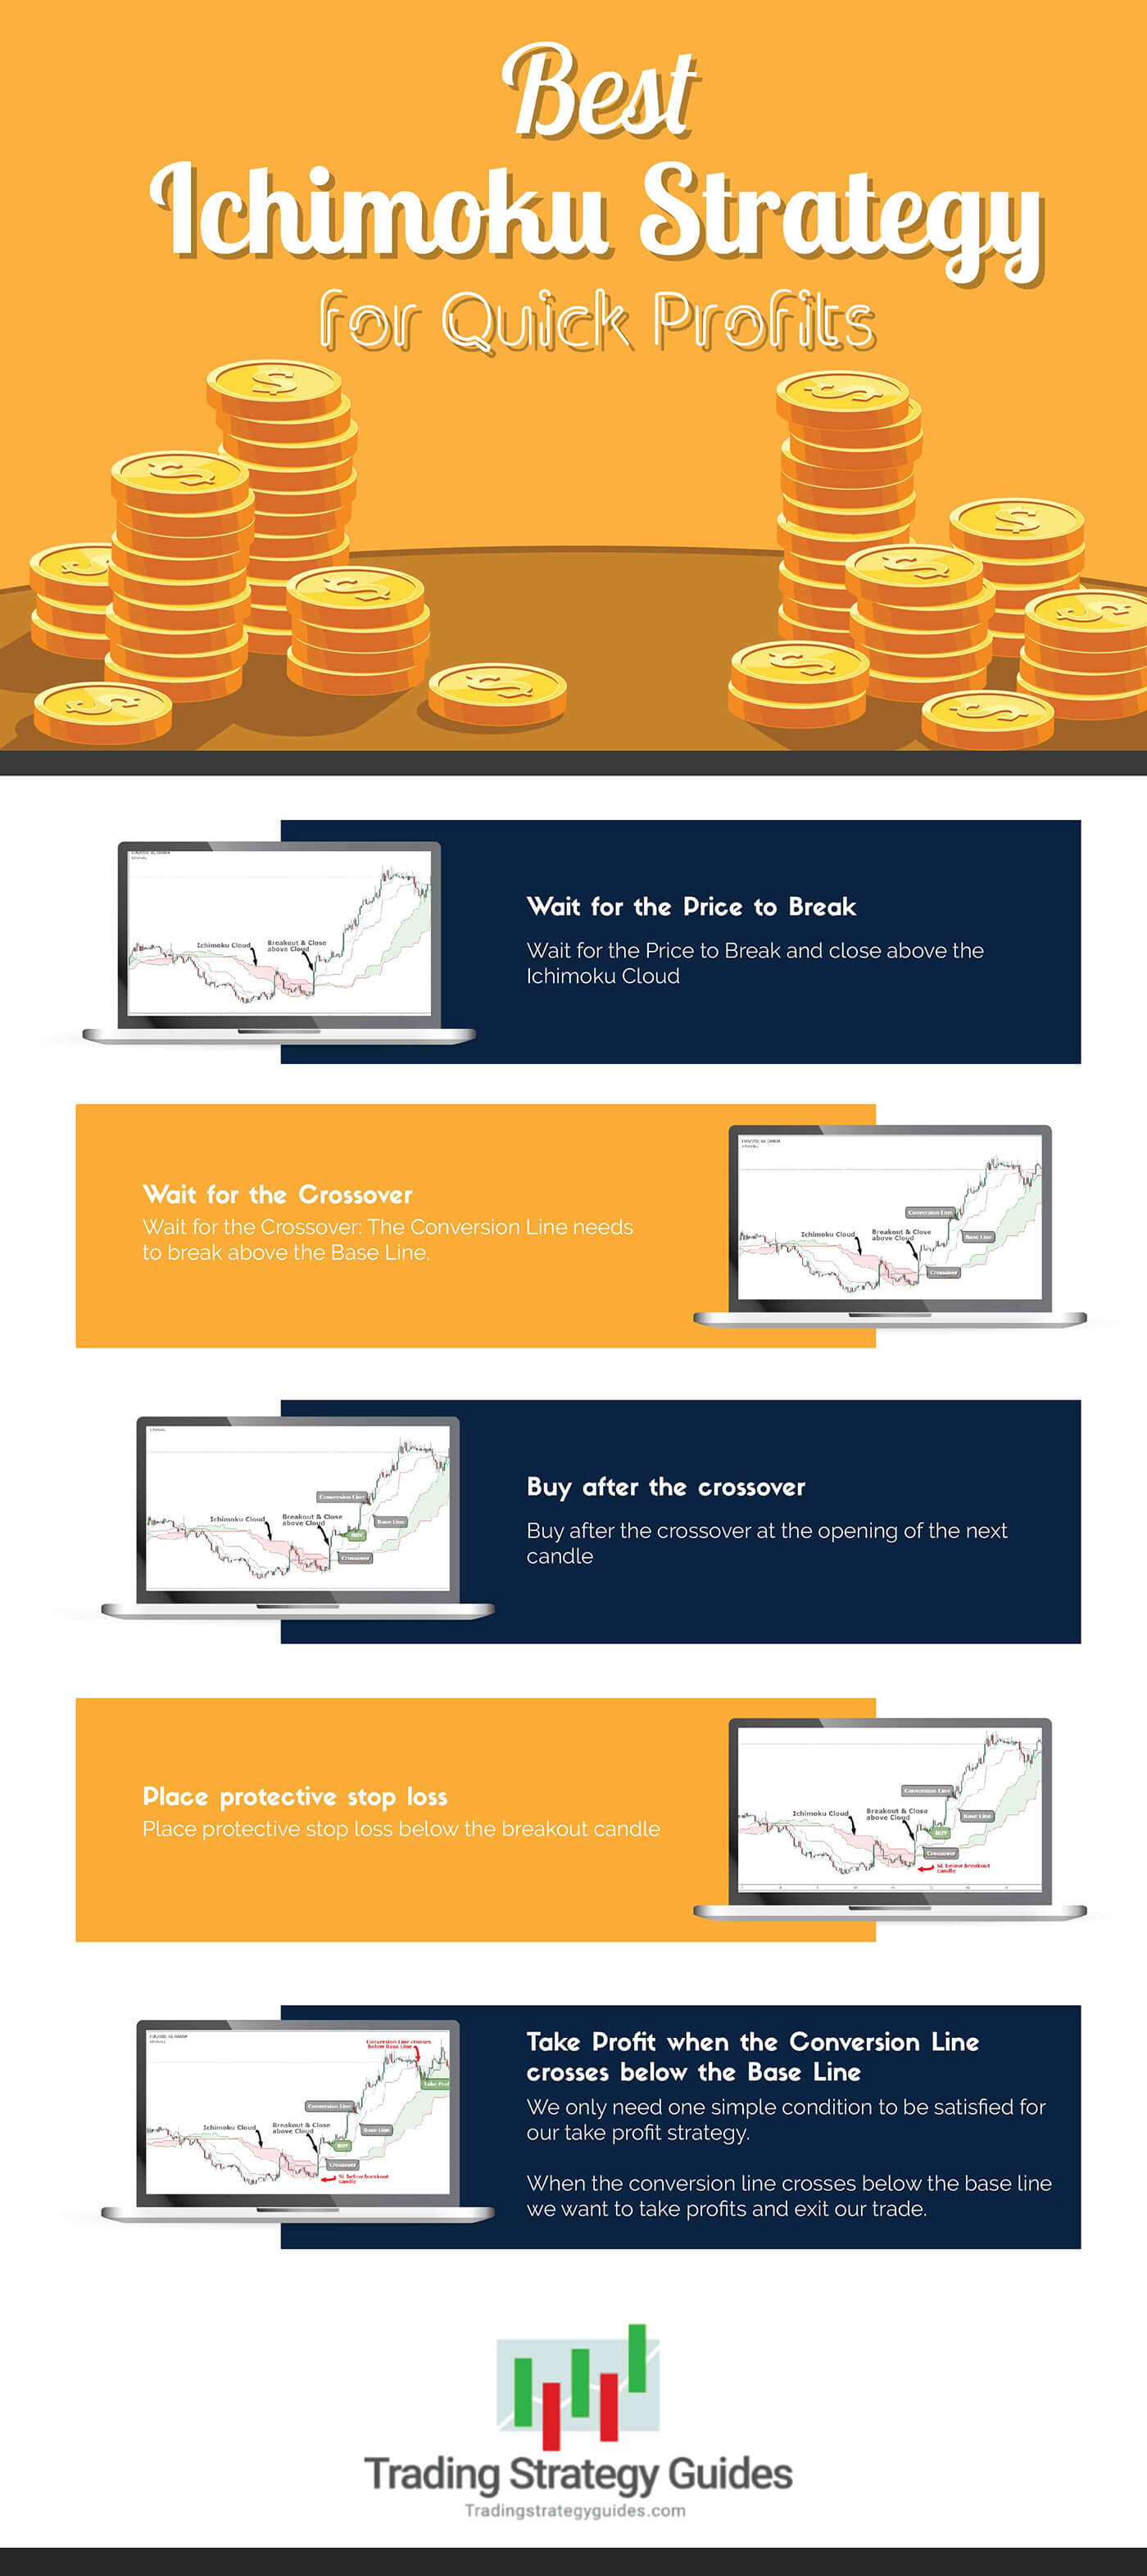 Ichimoku strategy infographic